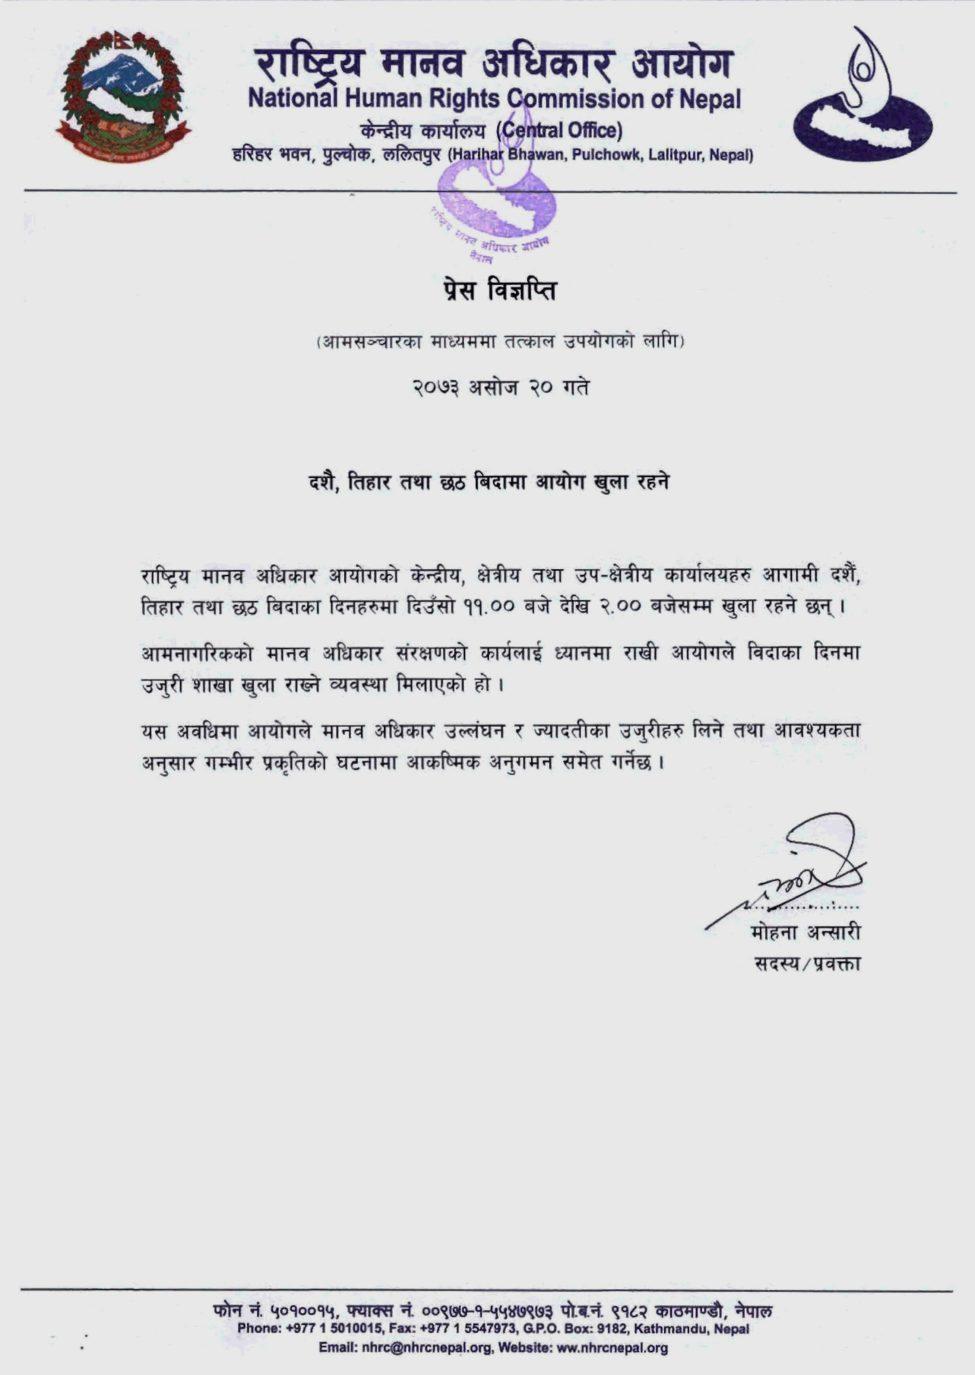 nepal_nhrc_press_release_nhrc_open_dashain_tihar_chatt_festival_nep_2073_06_20